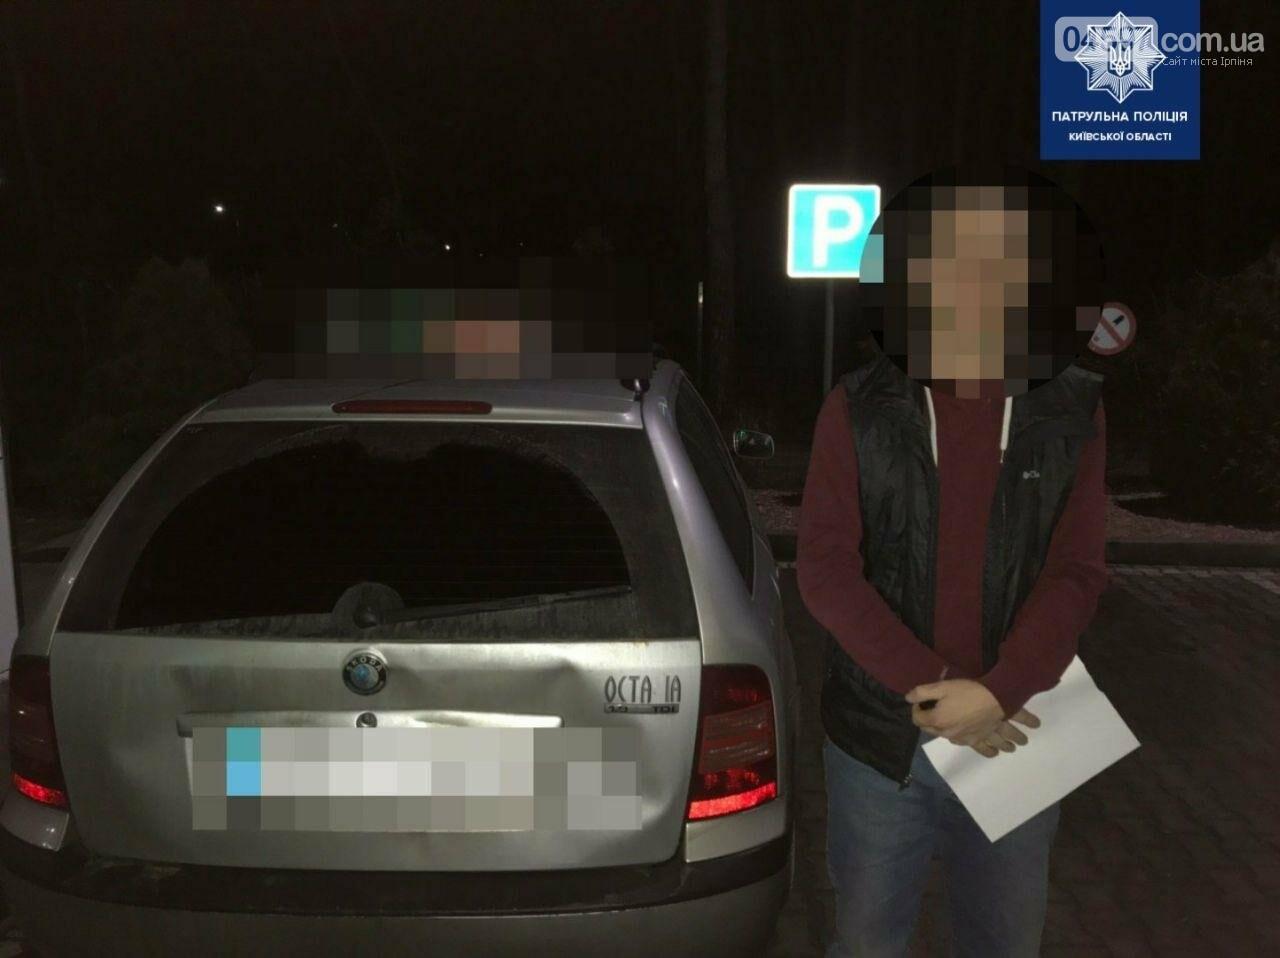 В Бучі серед ночі затримали нетверезого водія з канабісом, фото-3